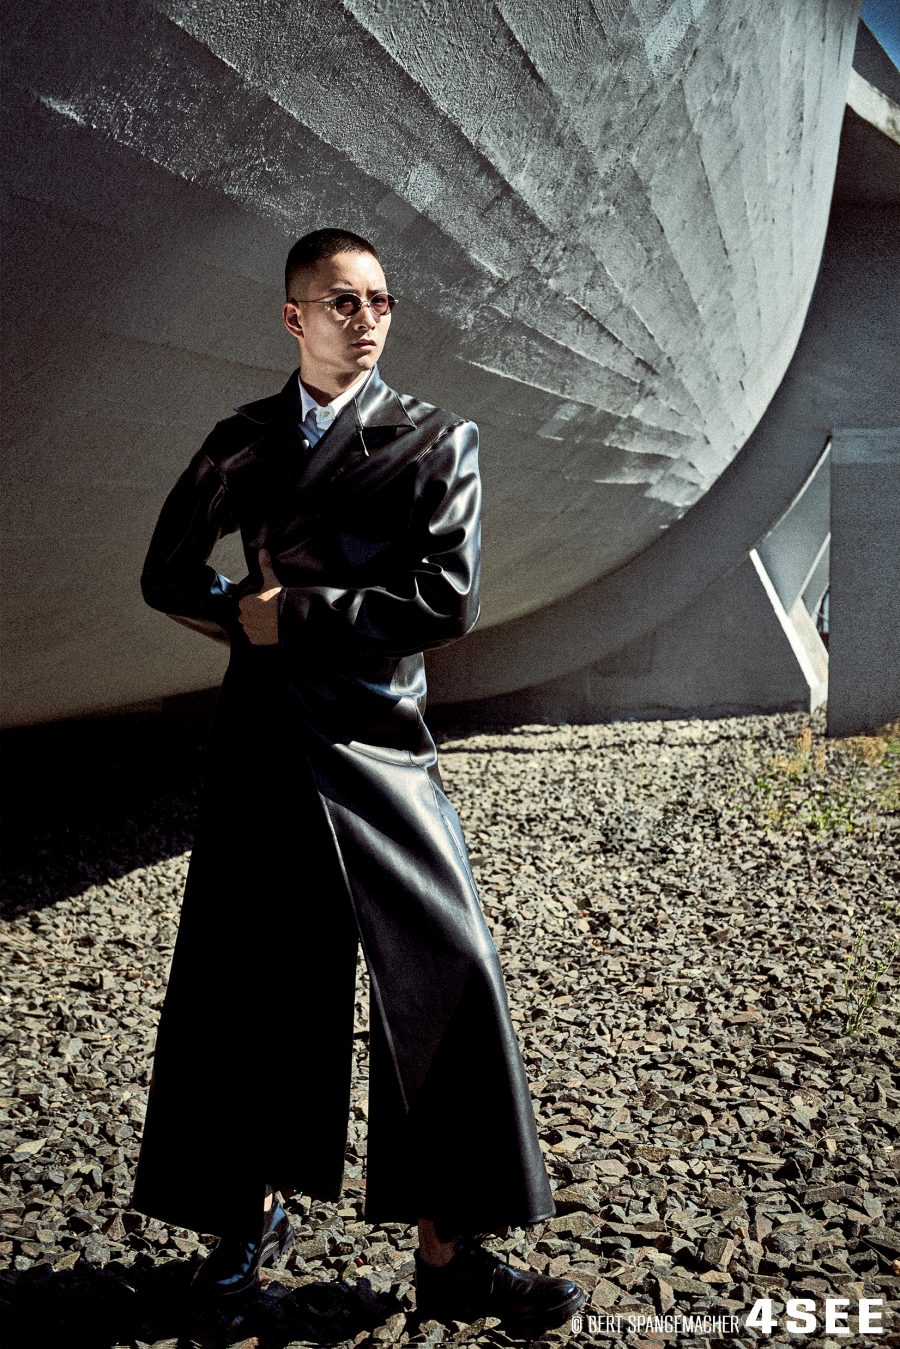 Minh model sunglasses by YUICHI TOYAMA WASSILY Bert Spangemacher